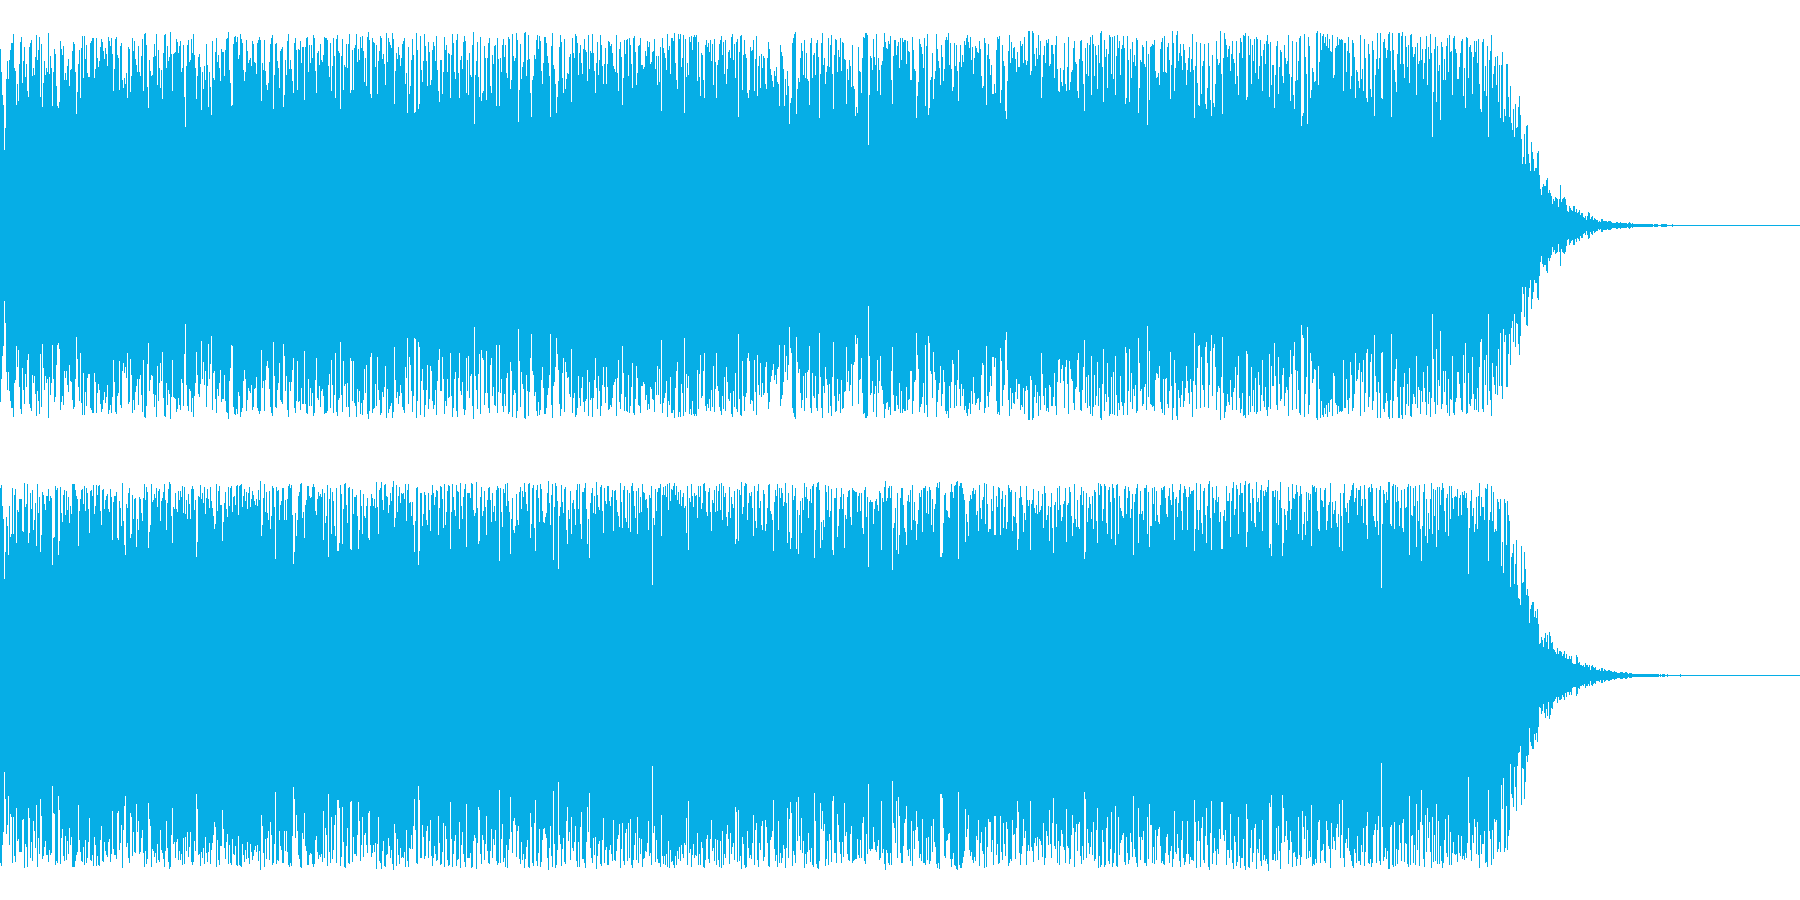 【宇宙・SF系】未知との遭遇、電波交信の再生済みの波形